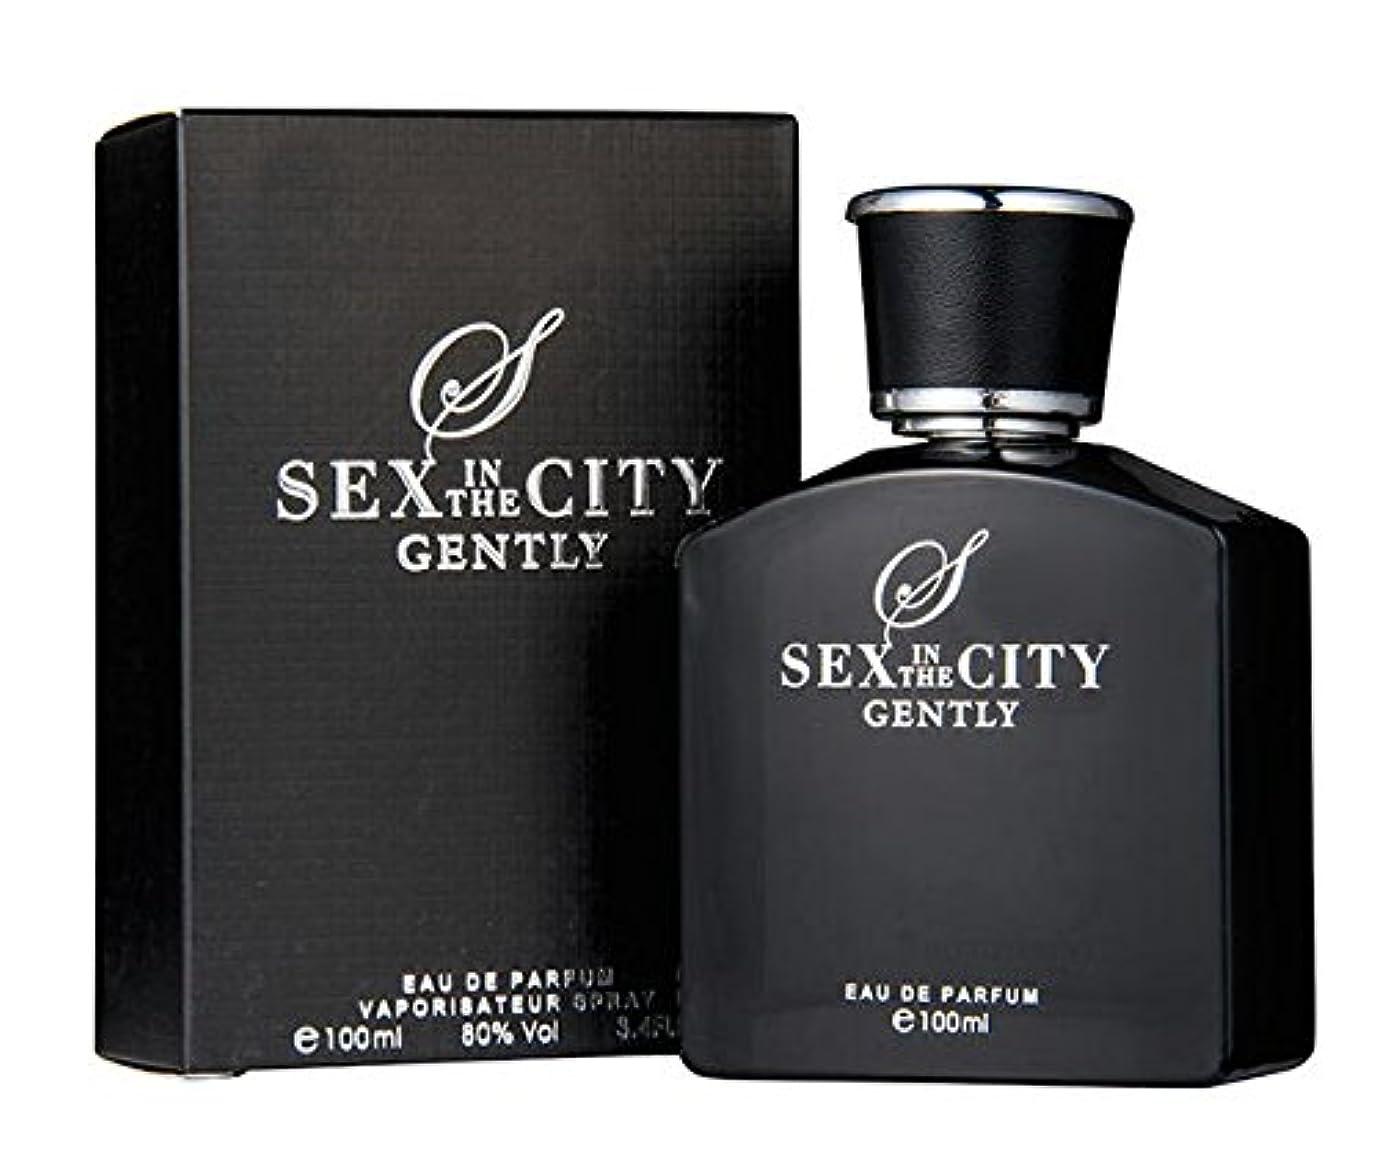 ピット好ましい駐地◆【SEX IN THE CITY】メンズ香水◆セックスインザシティ ジェントリー オードパルファムEDP 100ml◆